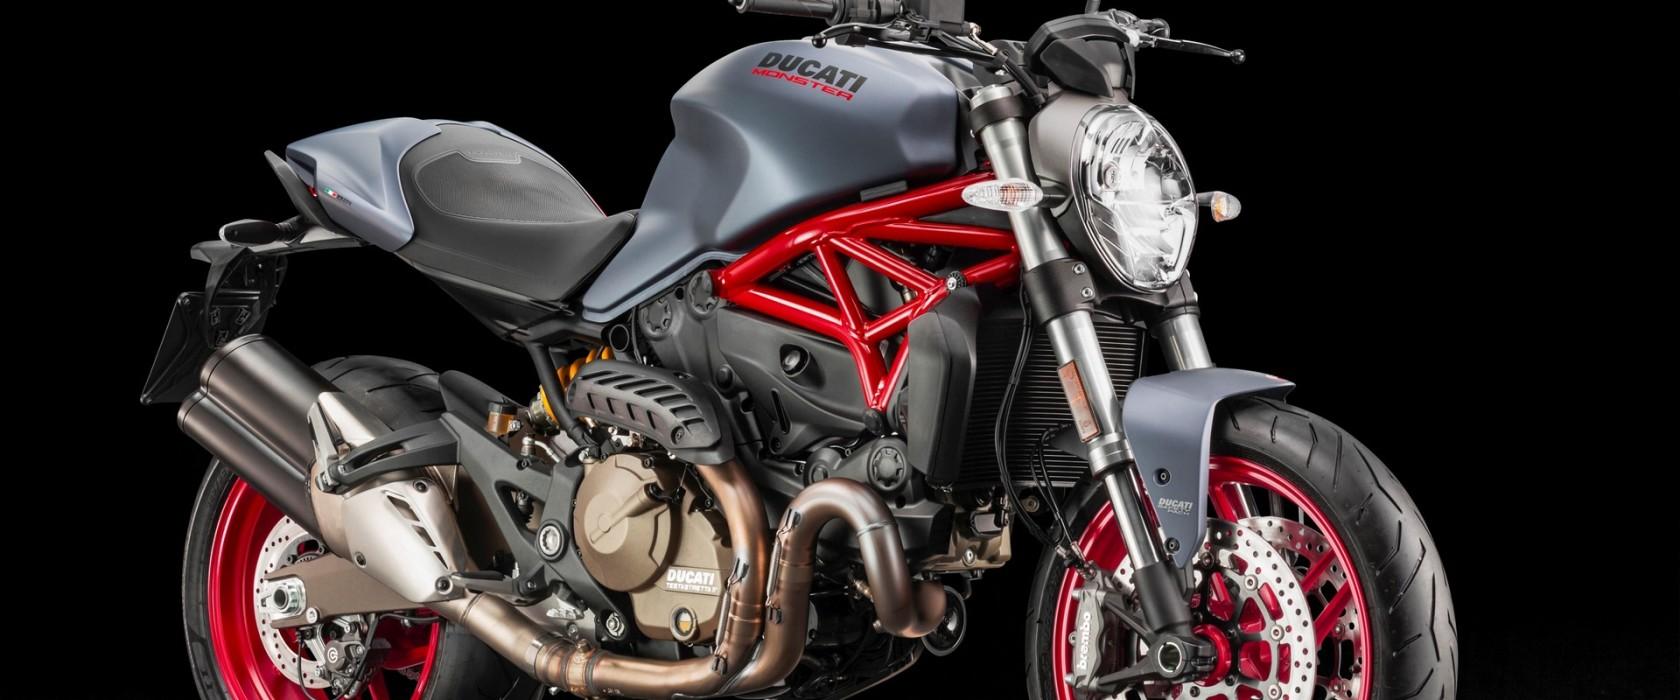 Ducati MONSTER 821 2017 Intermot